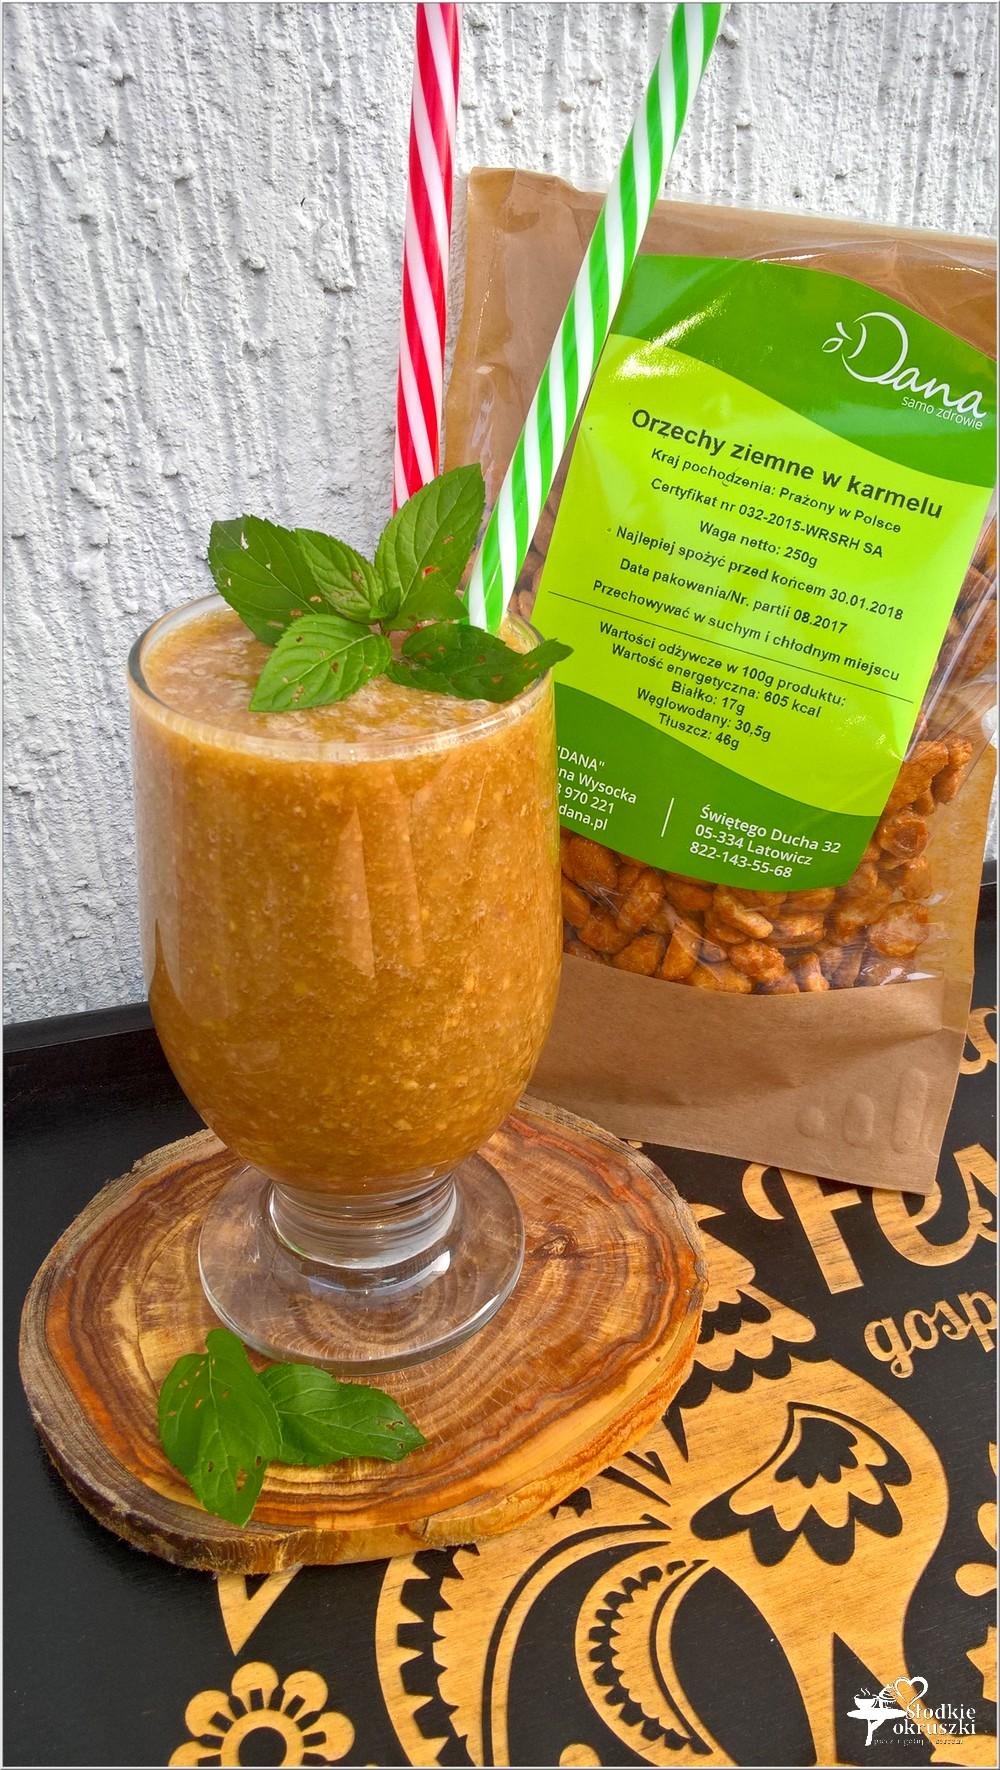 Kokosowo-kawowy koktajl z karmelizowanymi orzechami (2)